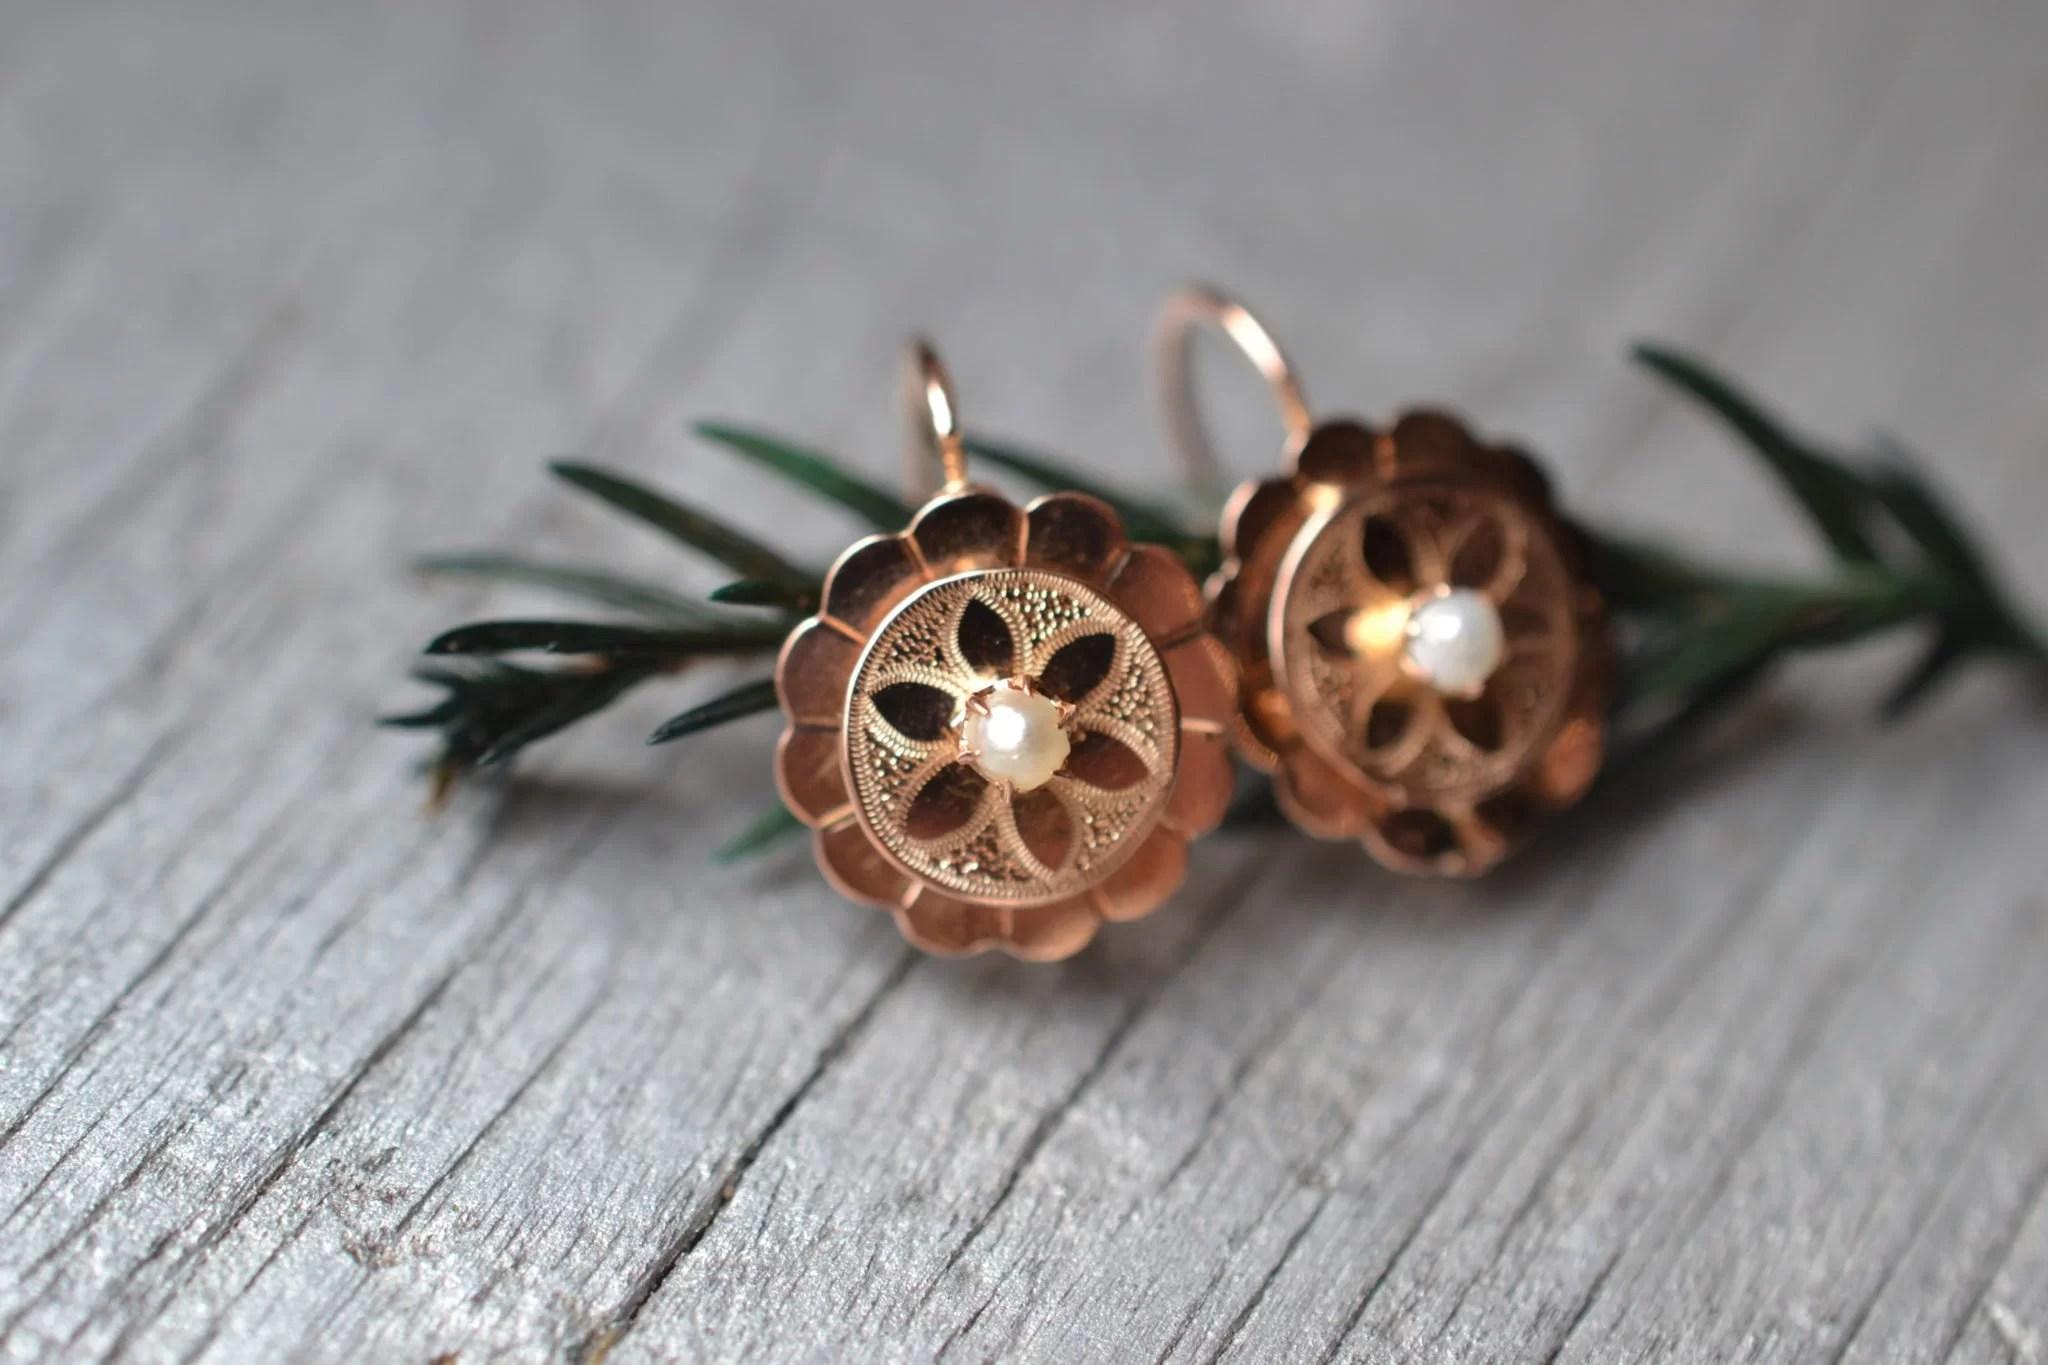 dormeuses anciennes en Or rose 18 carats ornées de rosace gravée et d'une perle centrale - bijoux ethique - En Or 18 carats - noircarat.fr